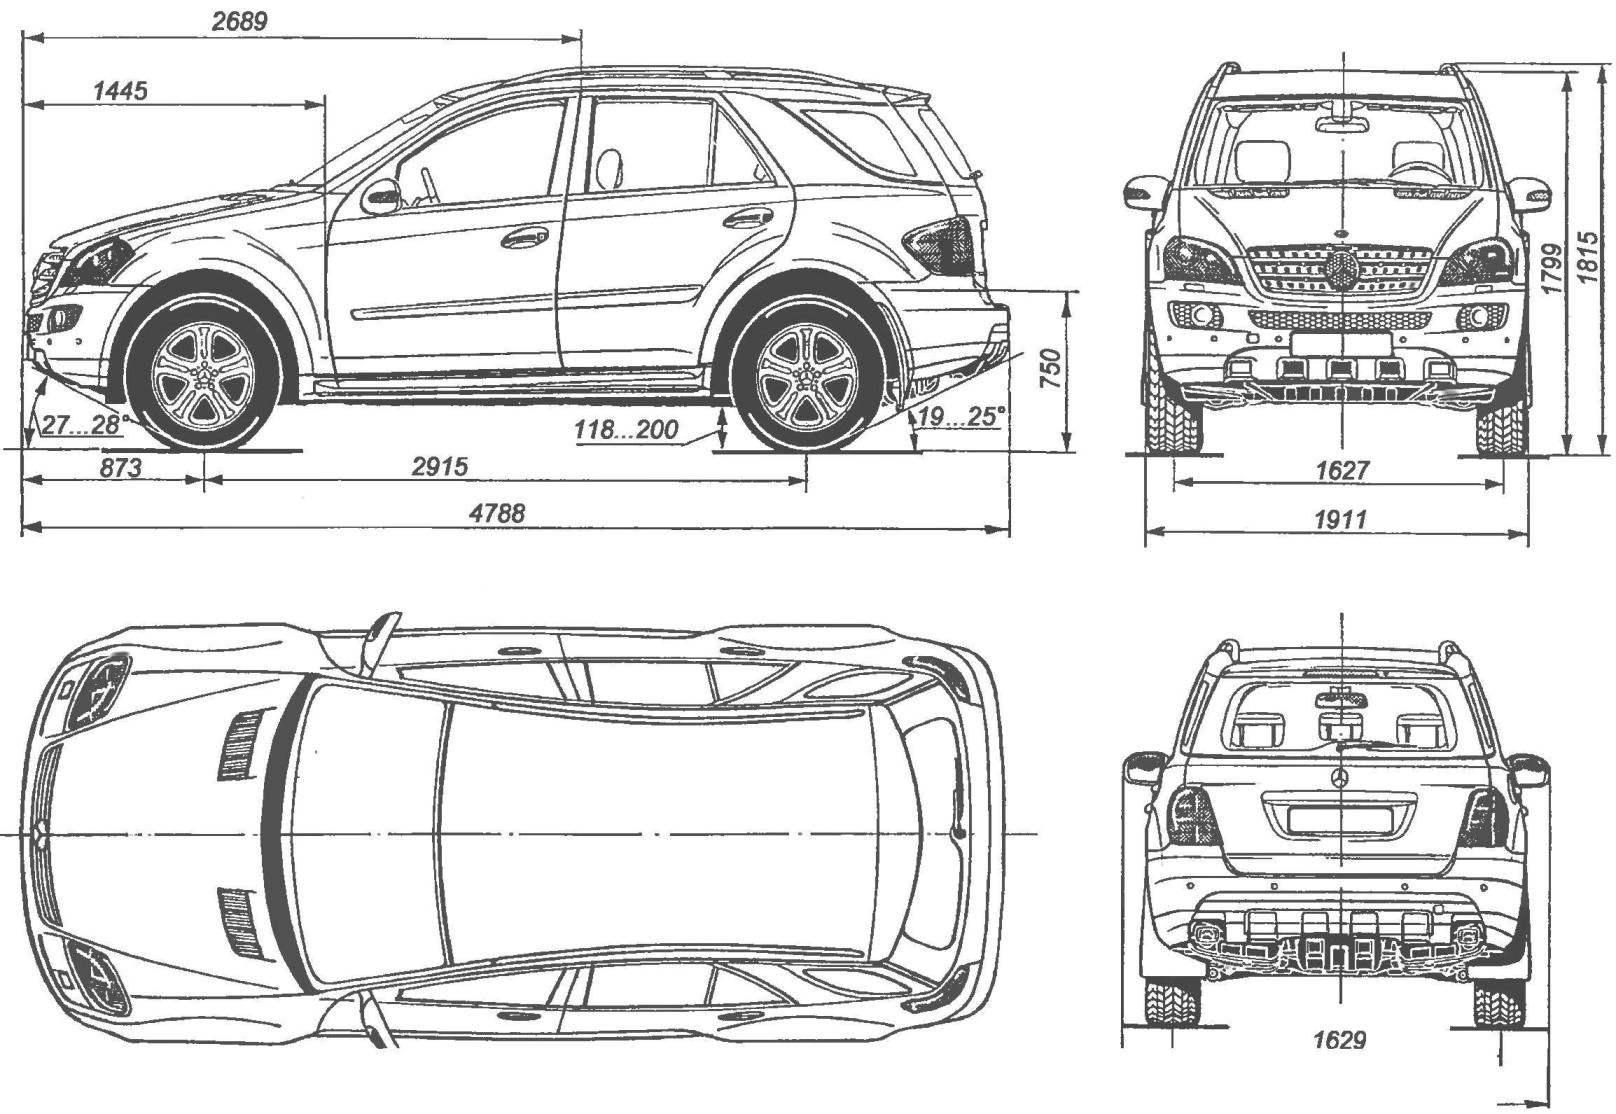 Геометрическая схема автомобиля MERCEDES-BENZ ML-класса